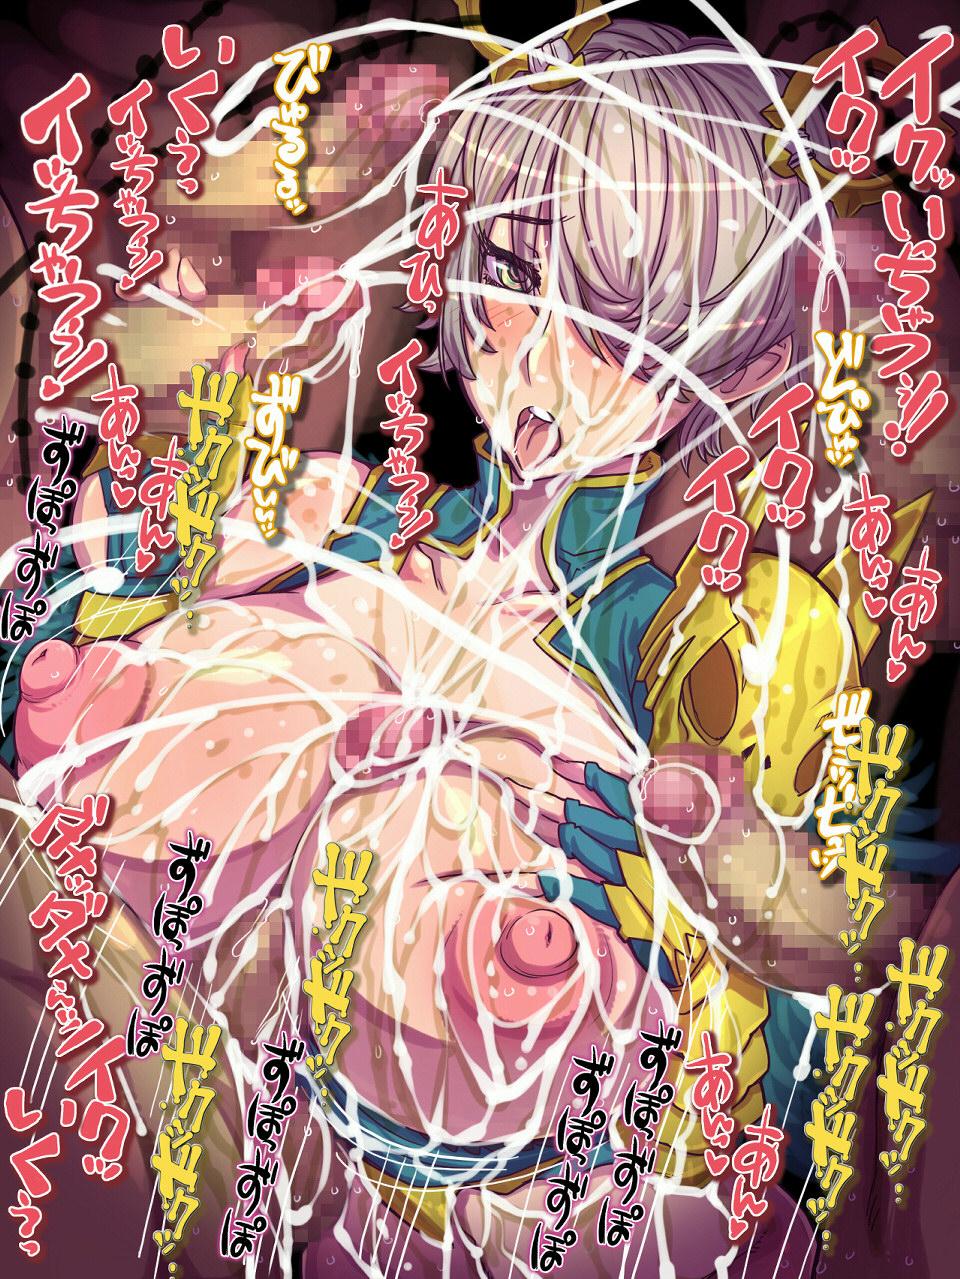 pan lords shadow castlevania of Persona 5 haru